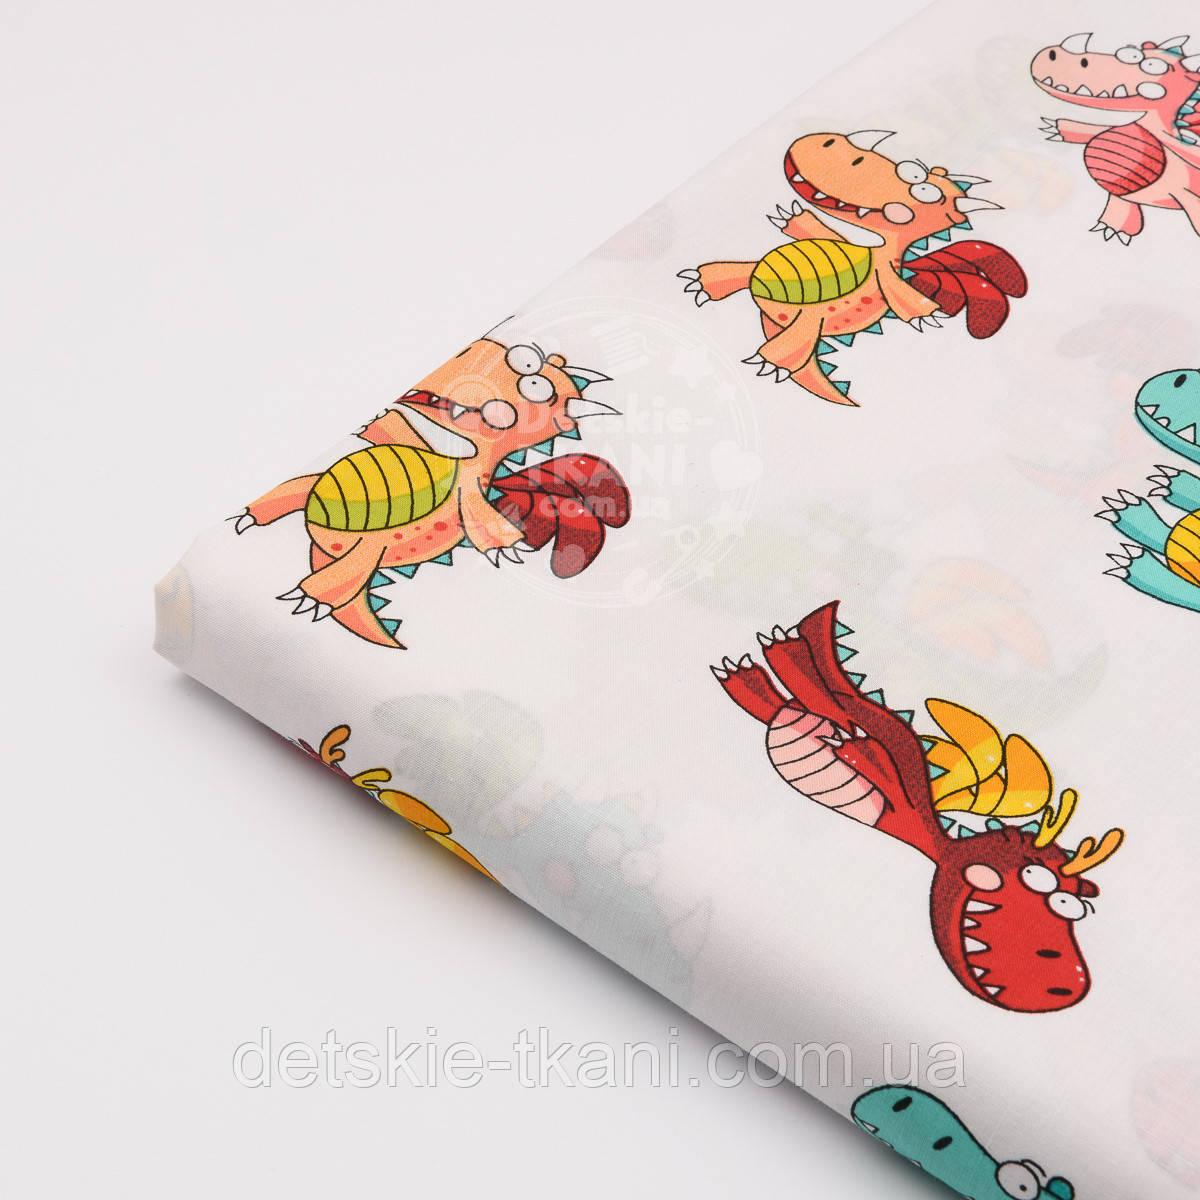 """Отрез ткани """"Разноцветные динозаврики"""" на белом фоне (№ 1130а) размер 55*160"""